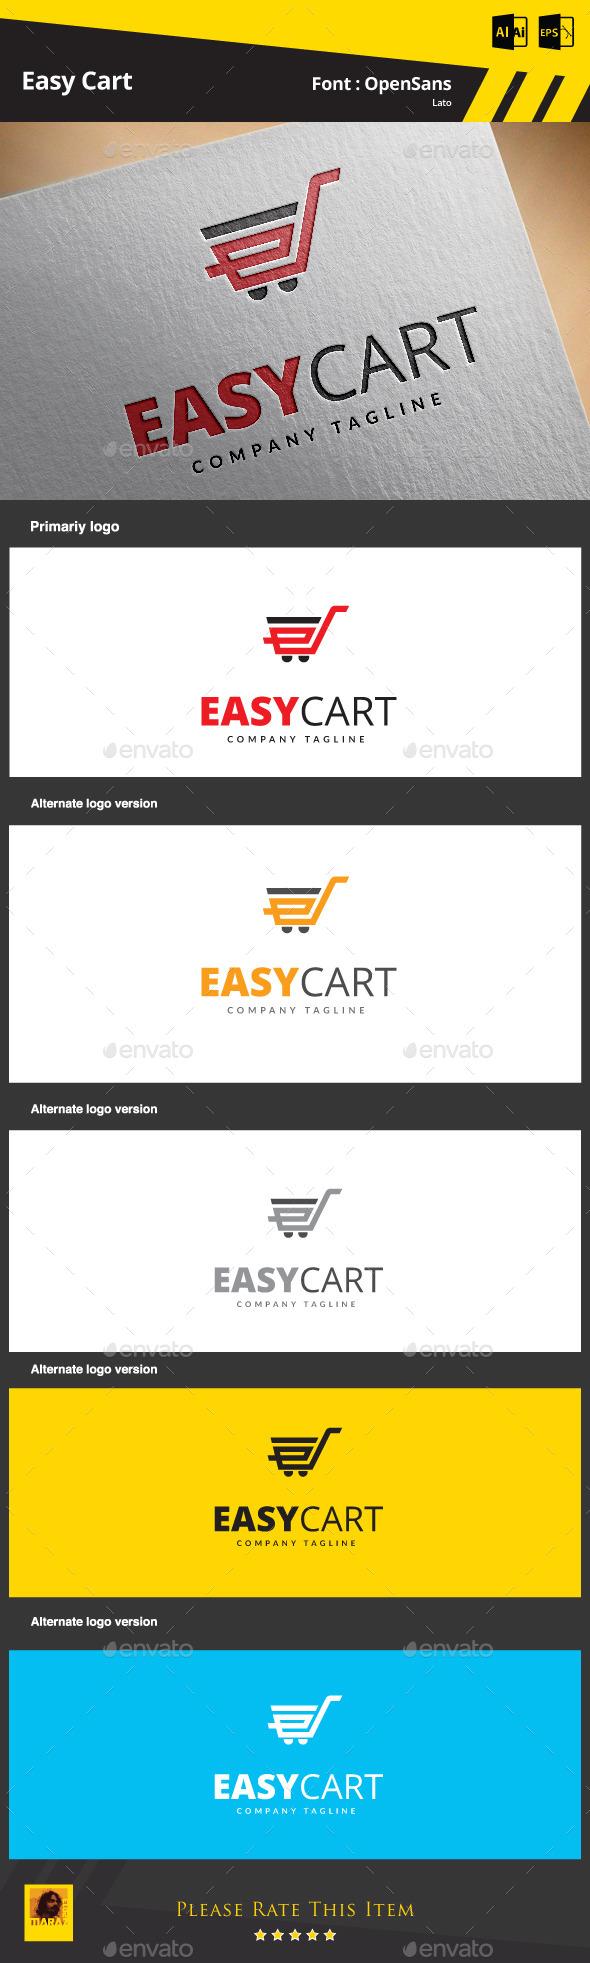 Easy Cart